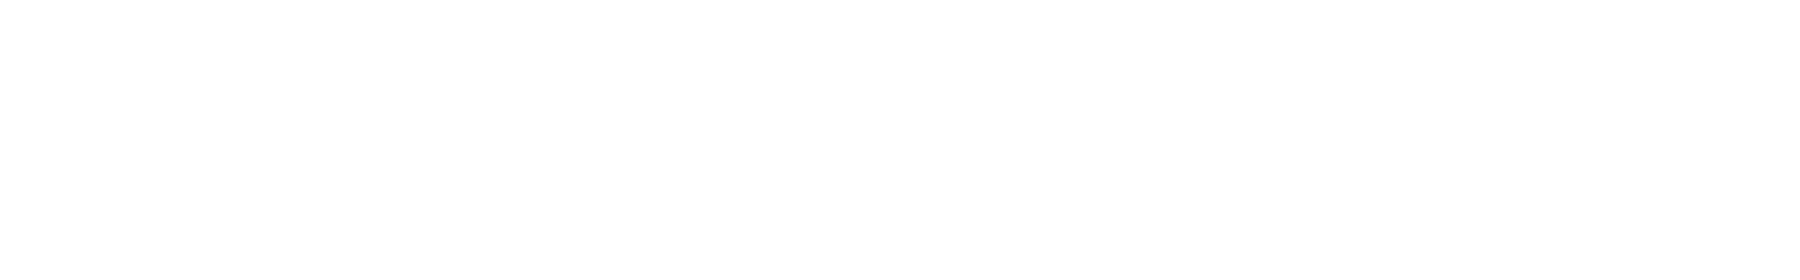 veh2 synths   042 c